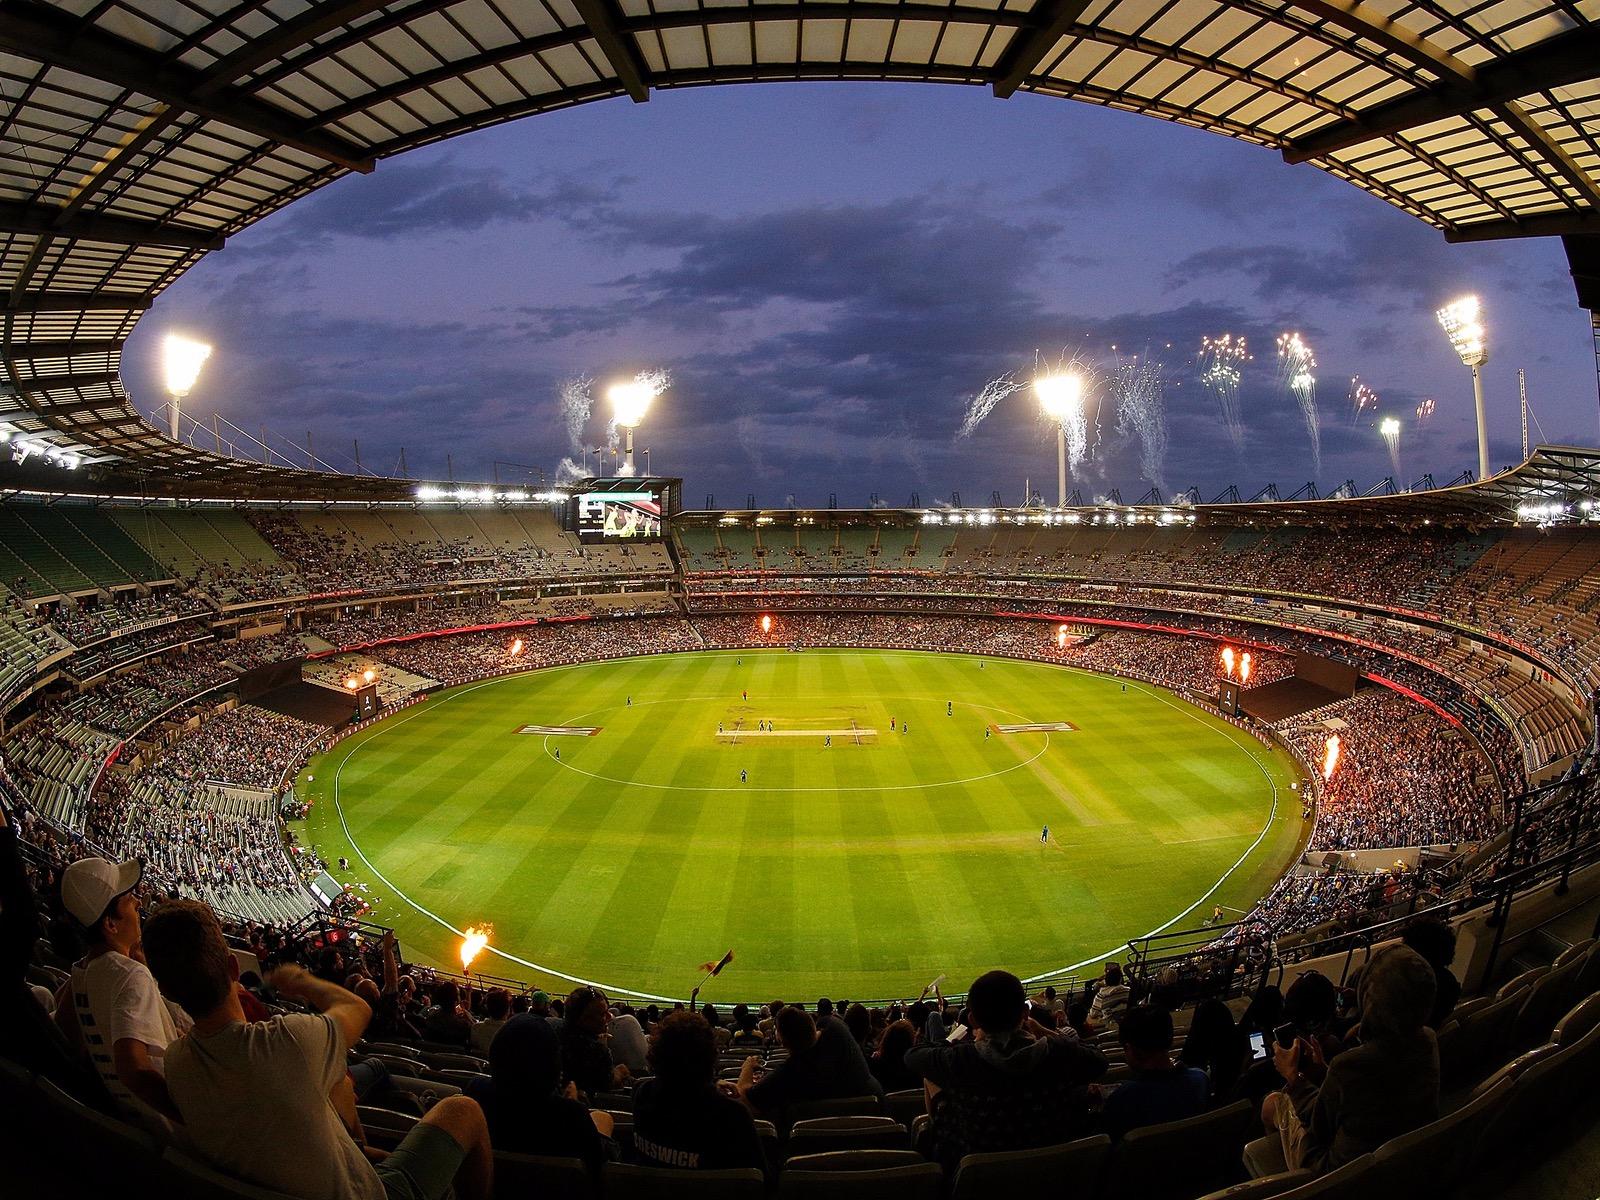 KFC T20 INTL vs Sri Lanka, Feb 2017 at the MCG. Photo: Daniel Pockett/Getty Images